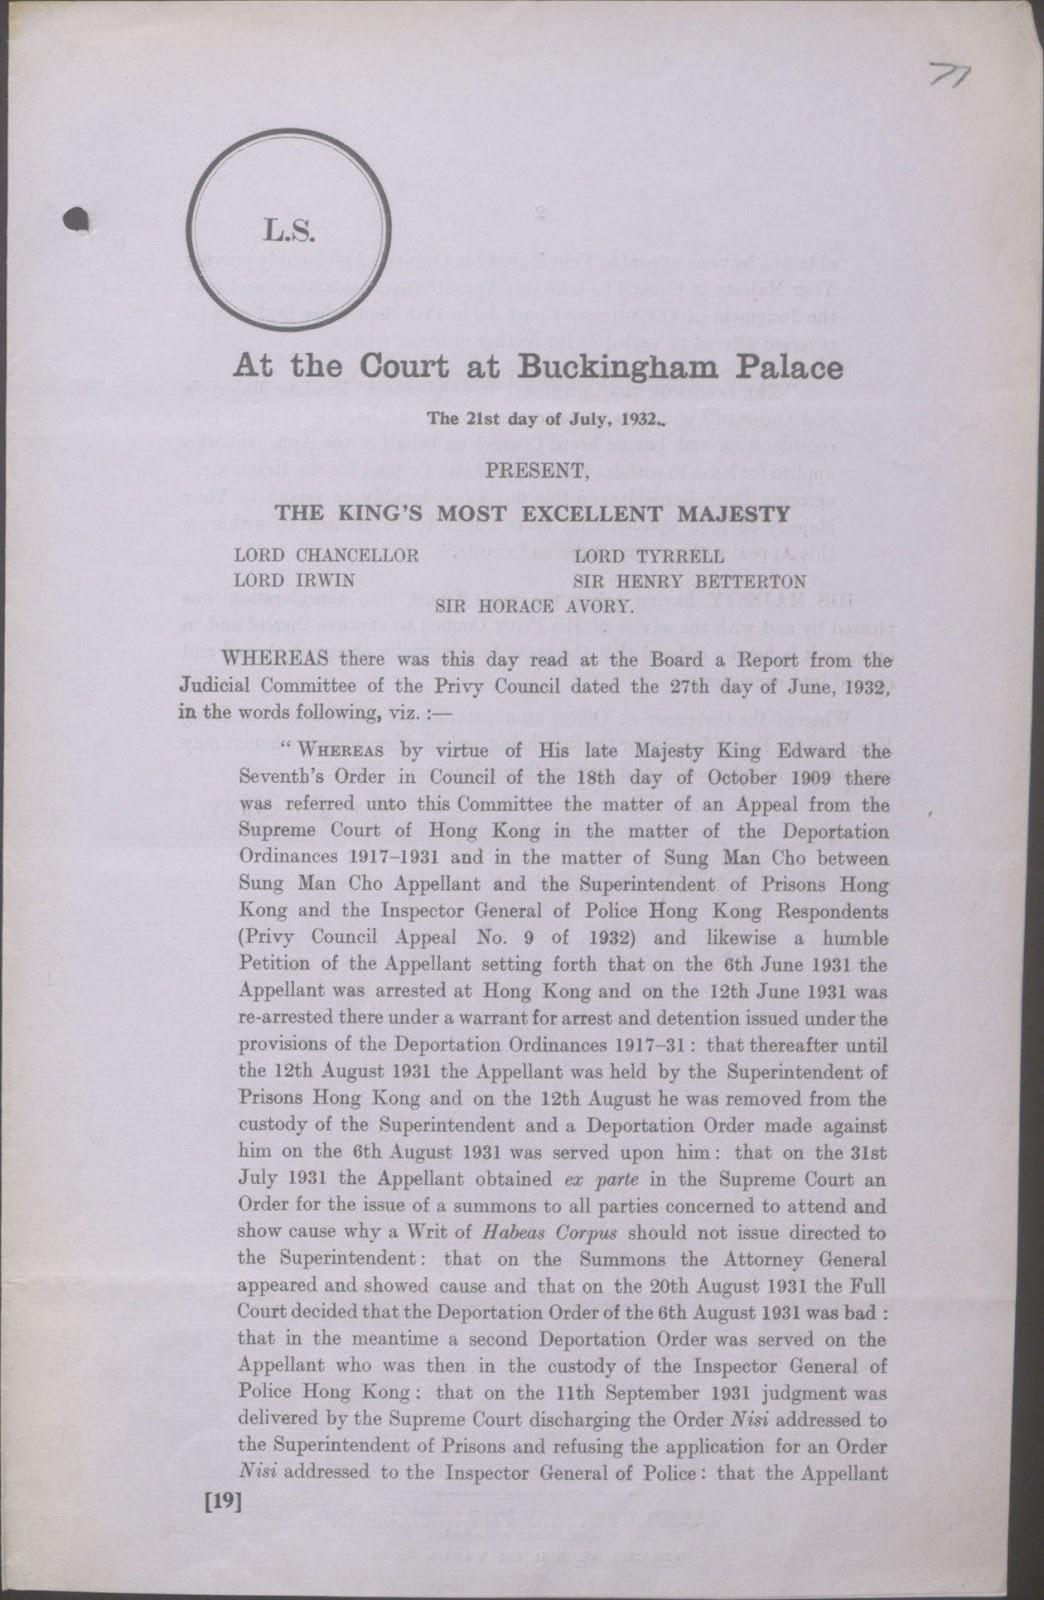 Thông báo của Privy Council về kết quả của vụ kháng cáo của Tống Văn Sơ  21-07-1932 (1).jpg